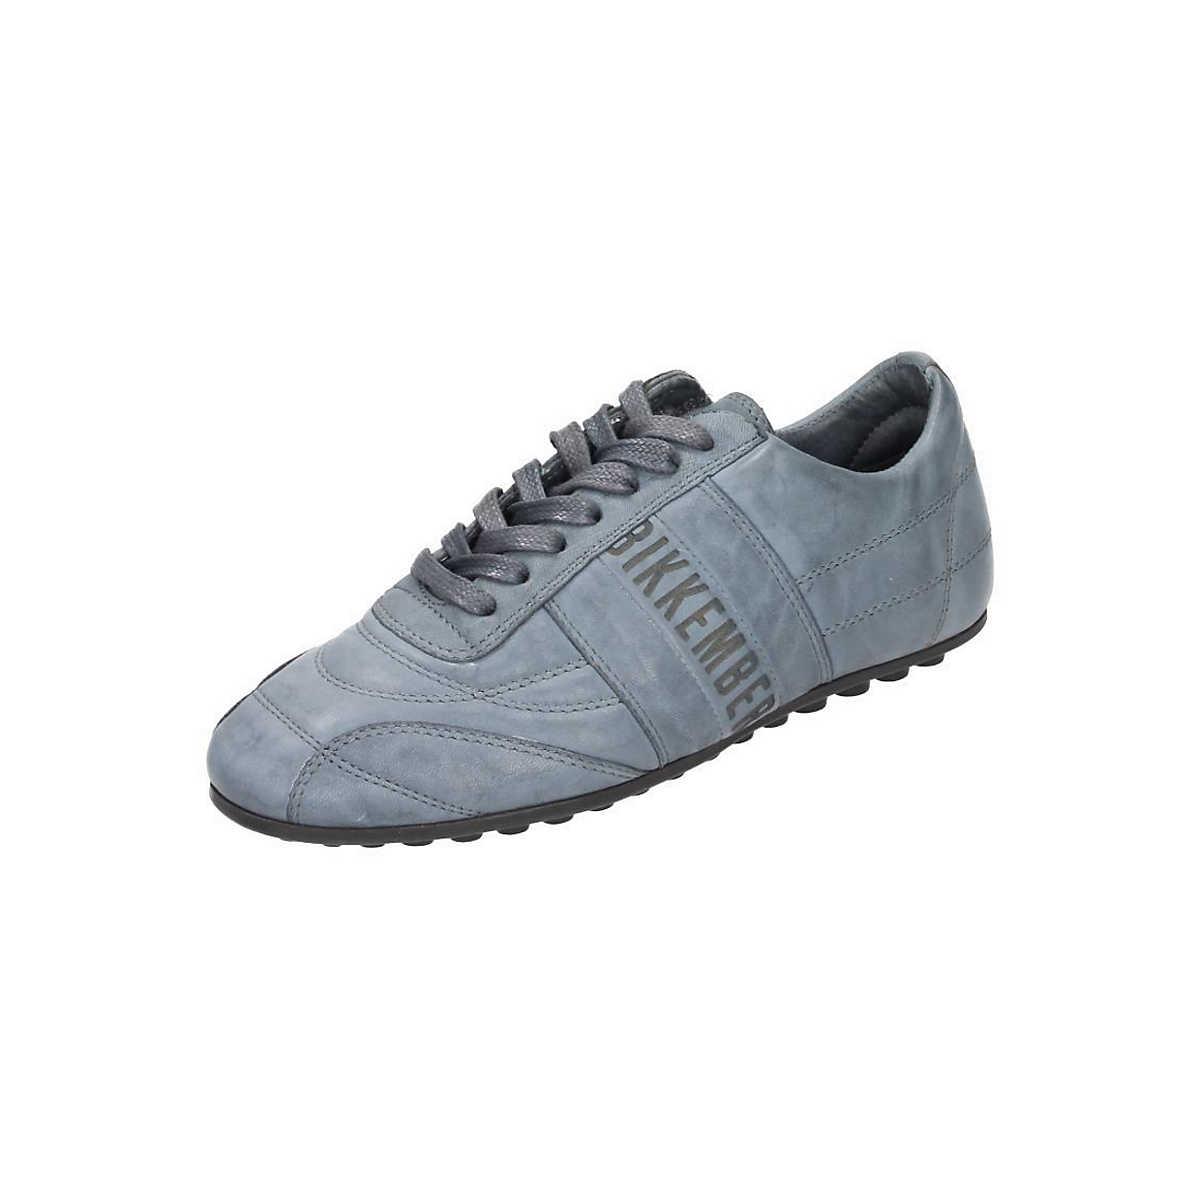 Bikkembergs Sneakers hellblau - Bikkembergs - Sneakers - Schuhe - mirapodo.de